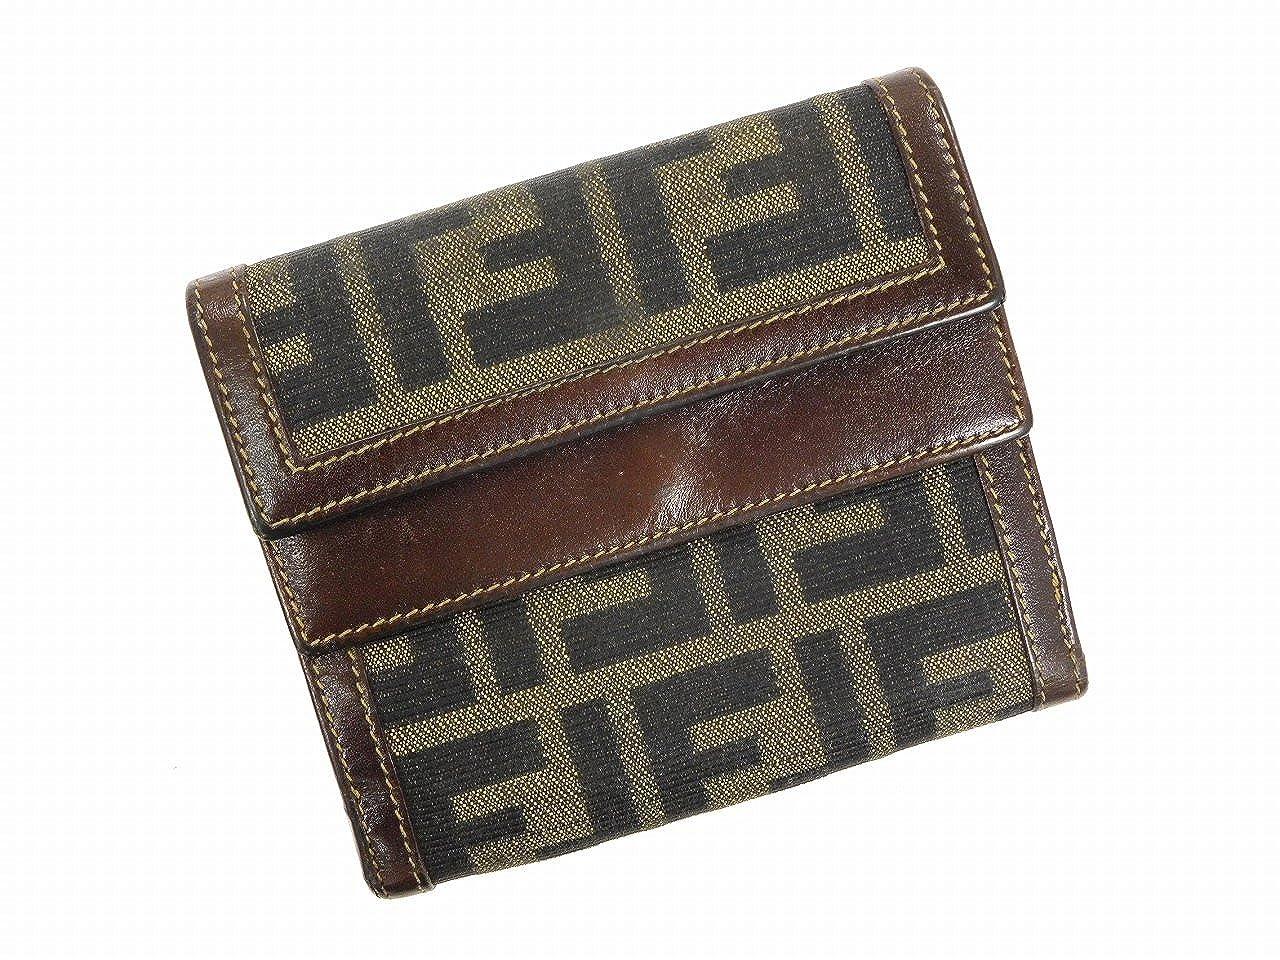 [フェンディ] FENDI 二つ折り財布 ズッカ キャンバス×レザー X10533 中古   B01CJN18QK